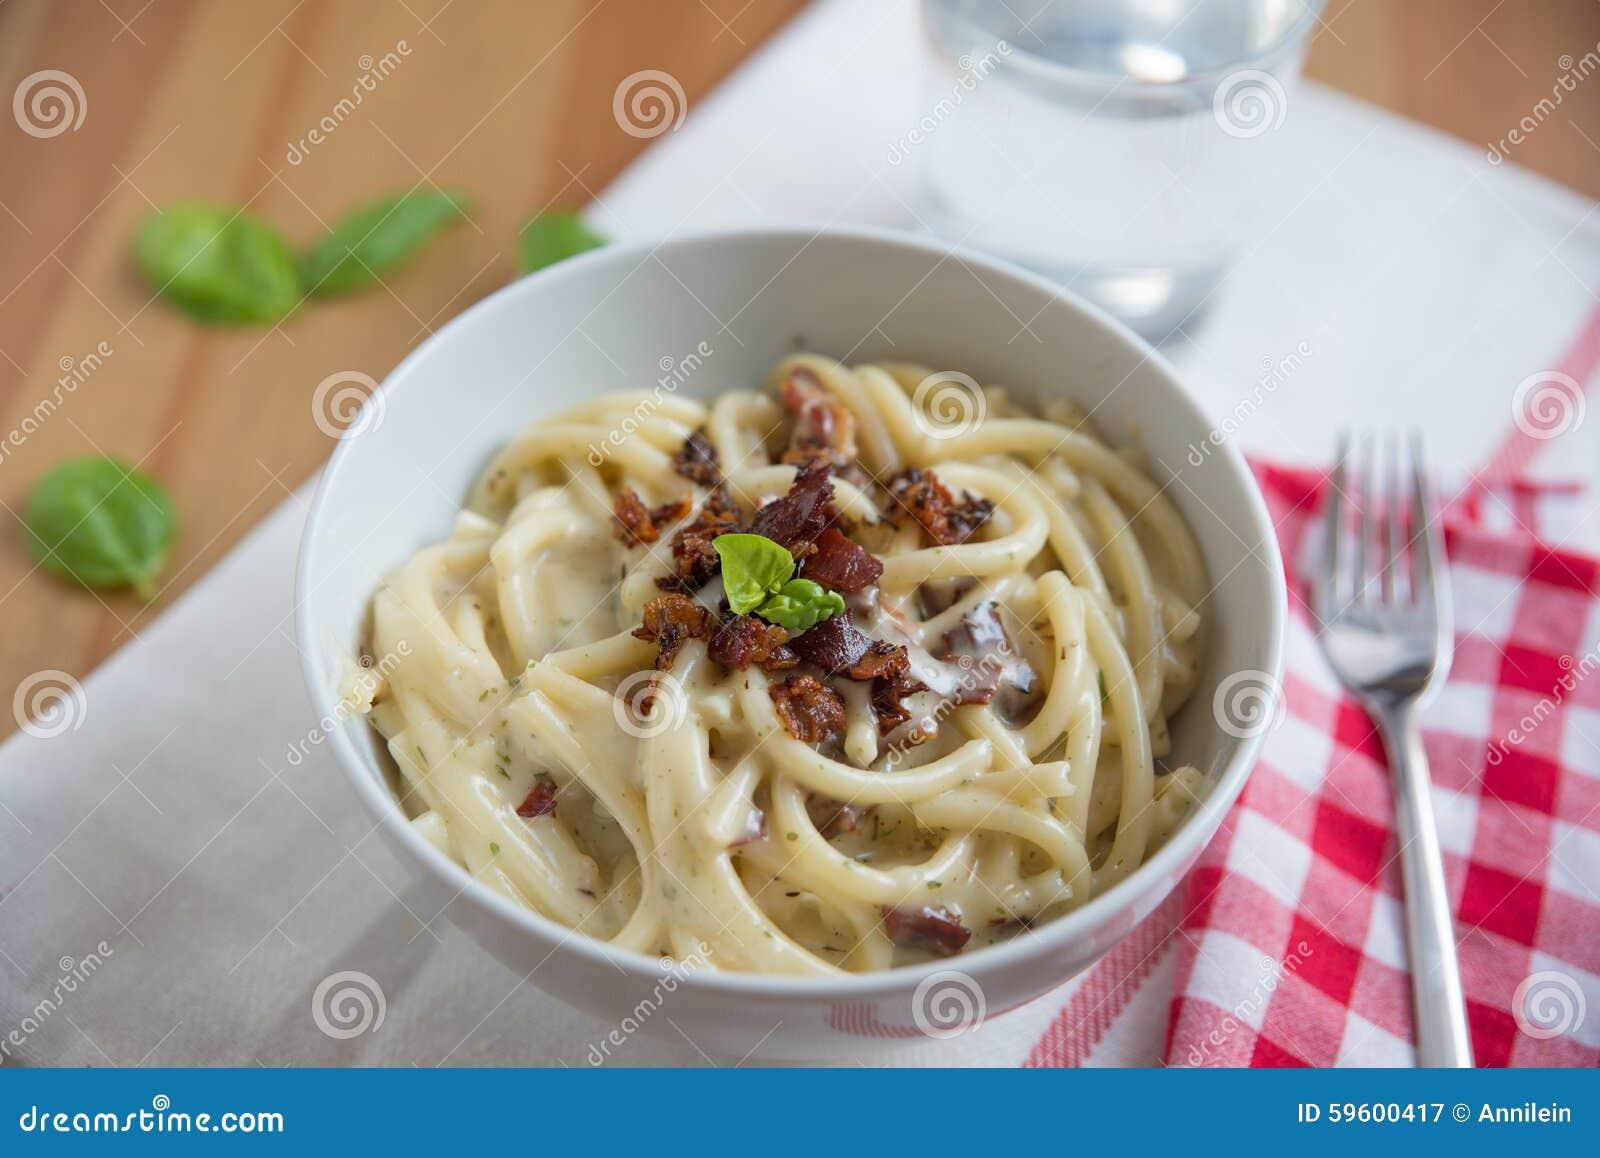 Μακαρόνια με την κρεμώδη σάλτσα τυριών Στοκ Εικόνα - εικόνα από ... aeceba2d848